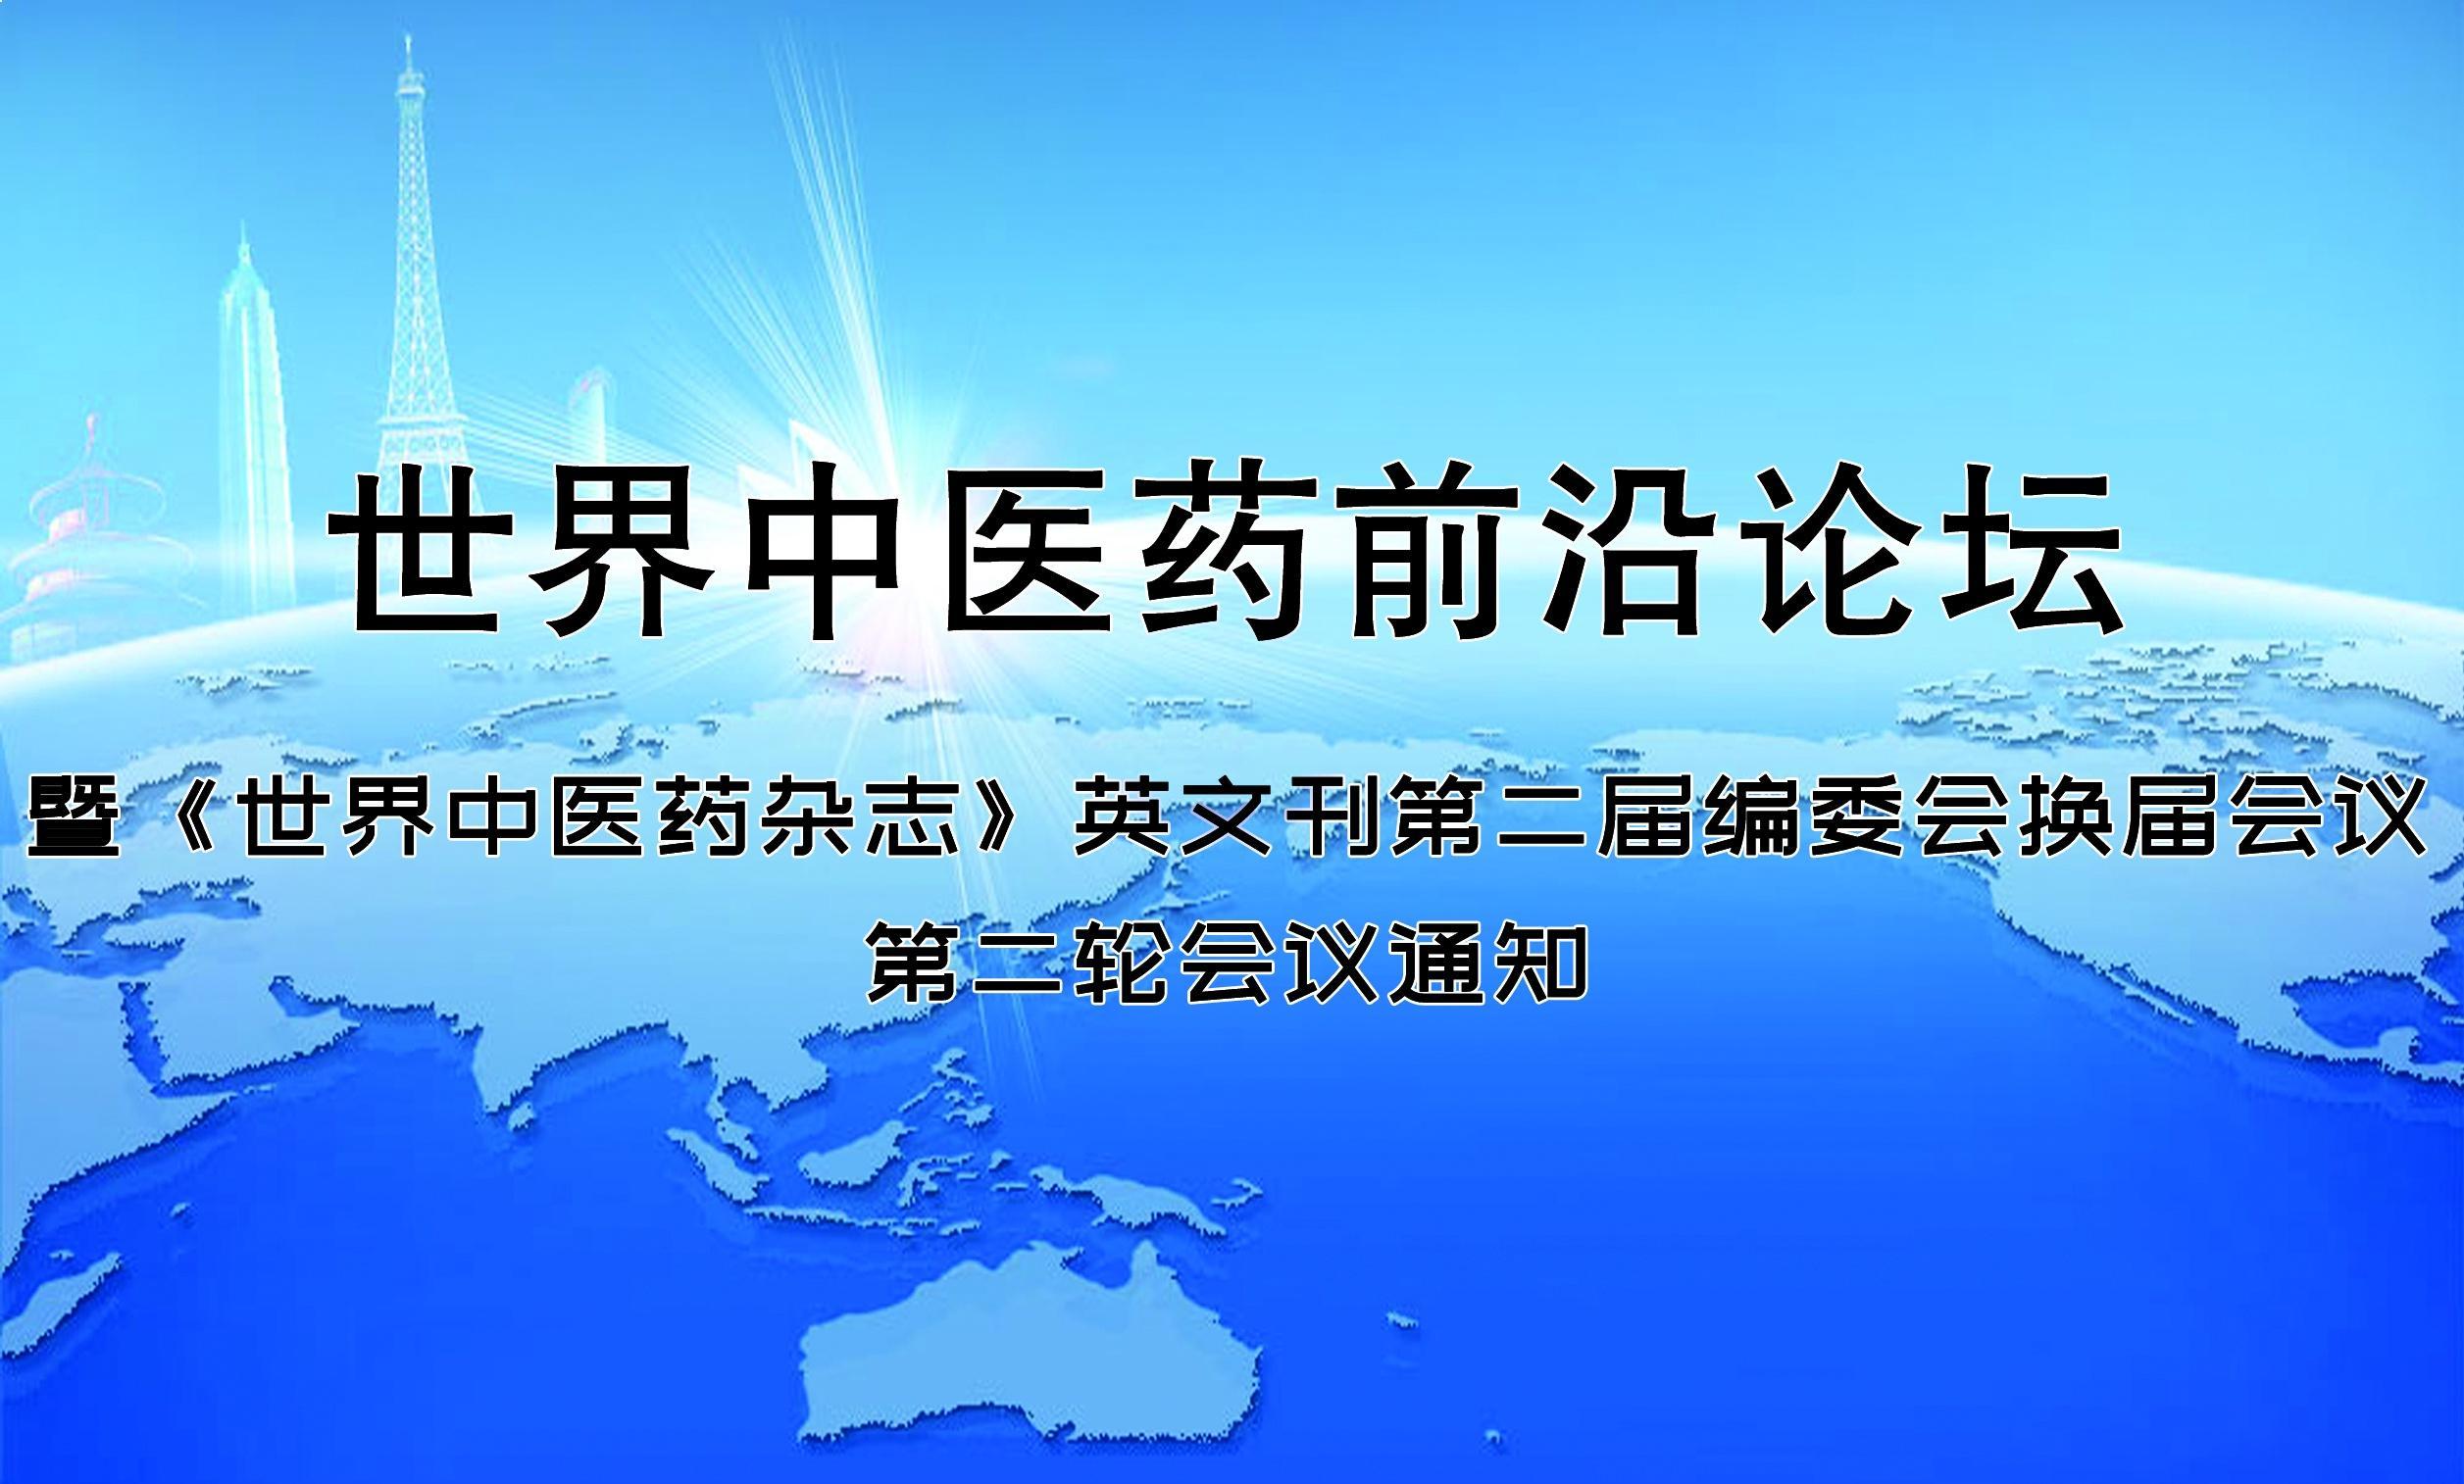 [学术盛宴]世界中医药前沿论坛 -- WJTCM第二届编委会换届会议